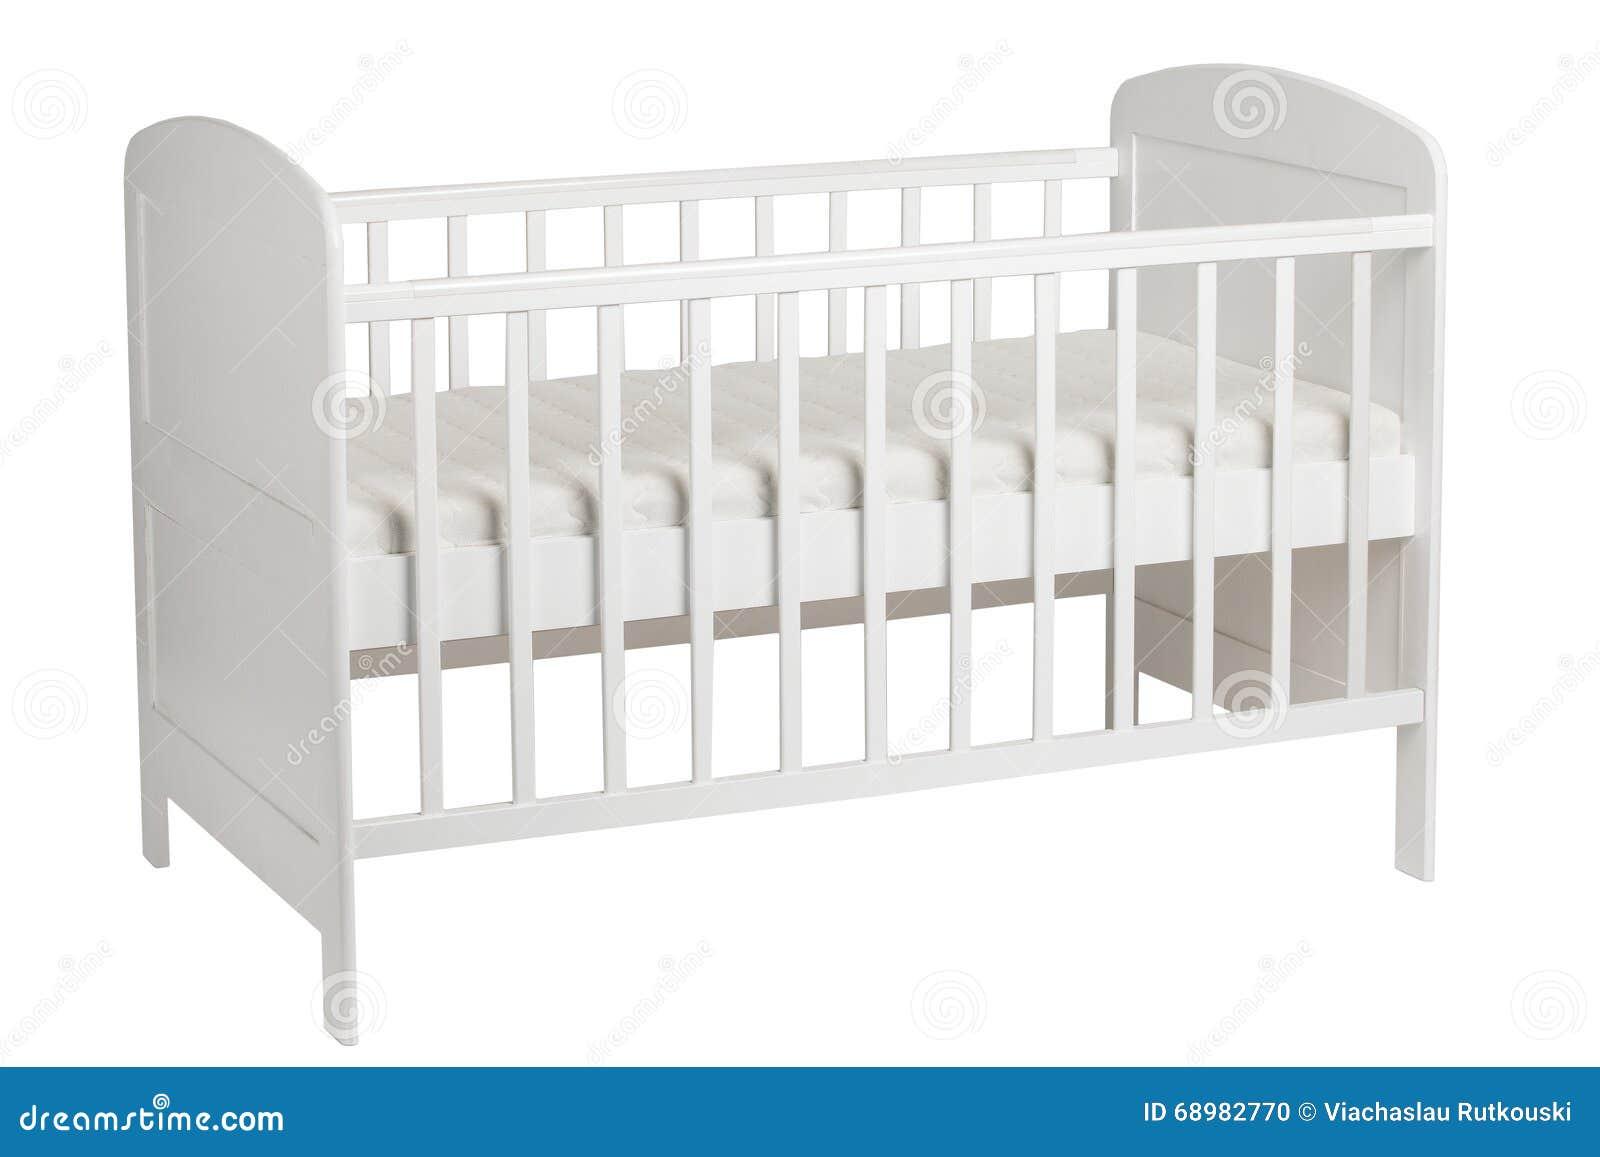 White crib for kids on white background